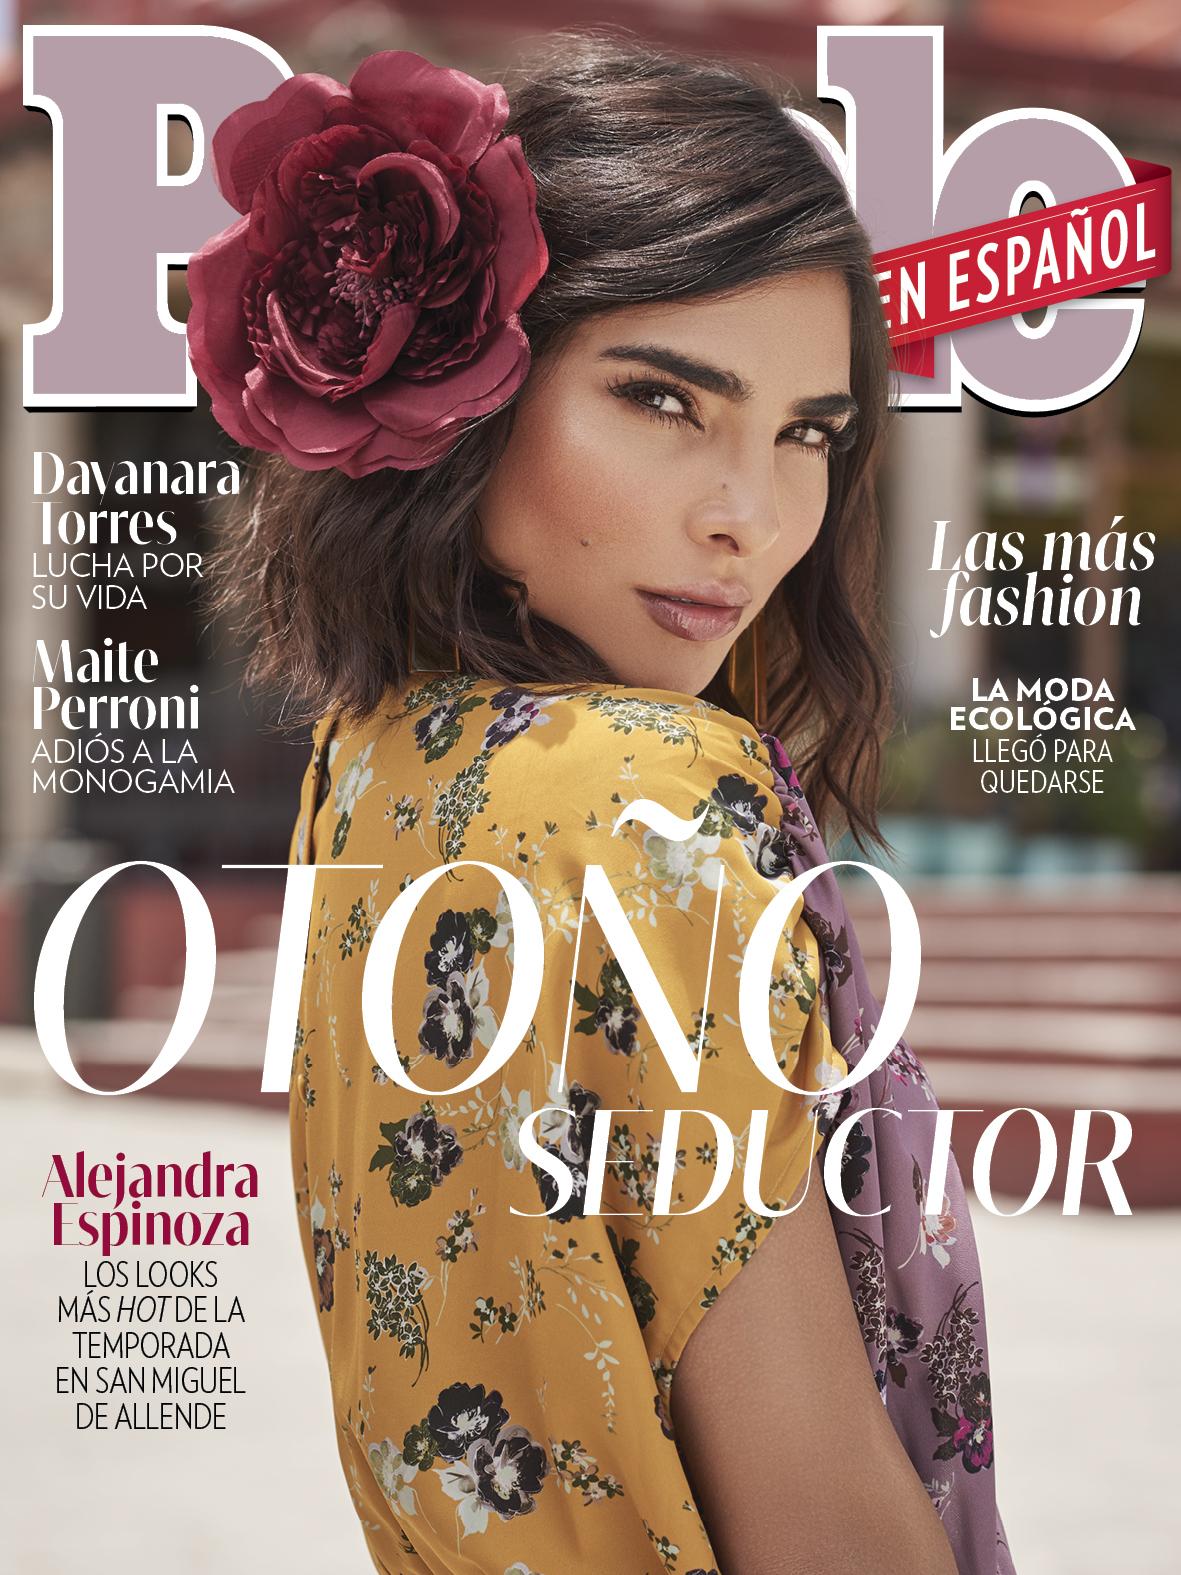 Alejandra Espinoza, edicion septiembre, moda, otono, san miguel de allende